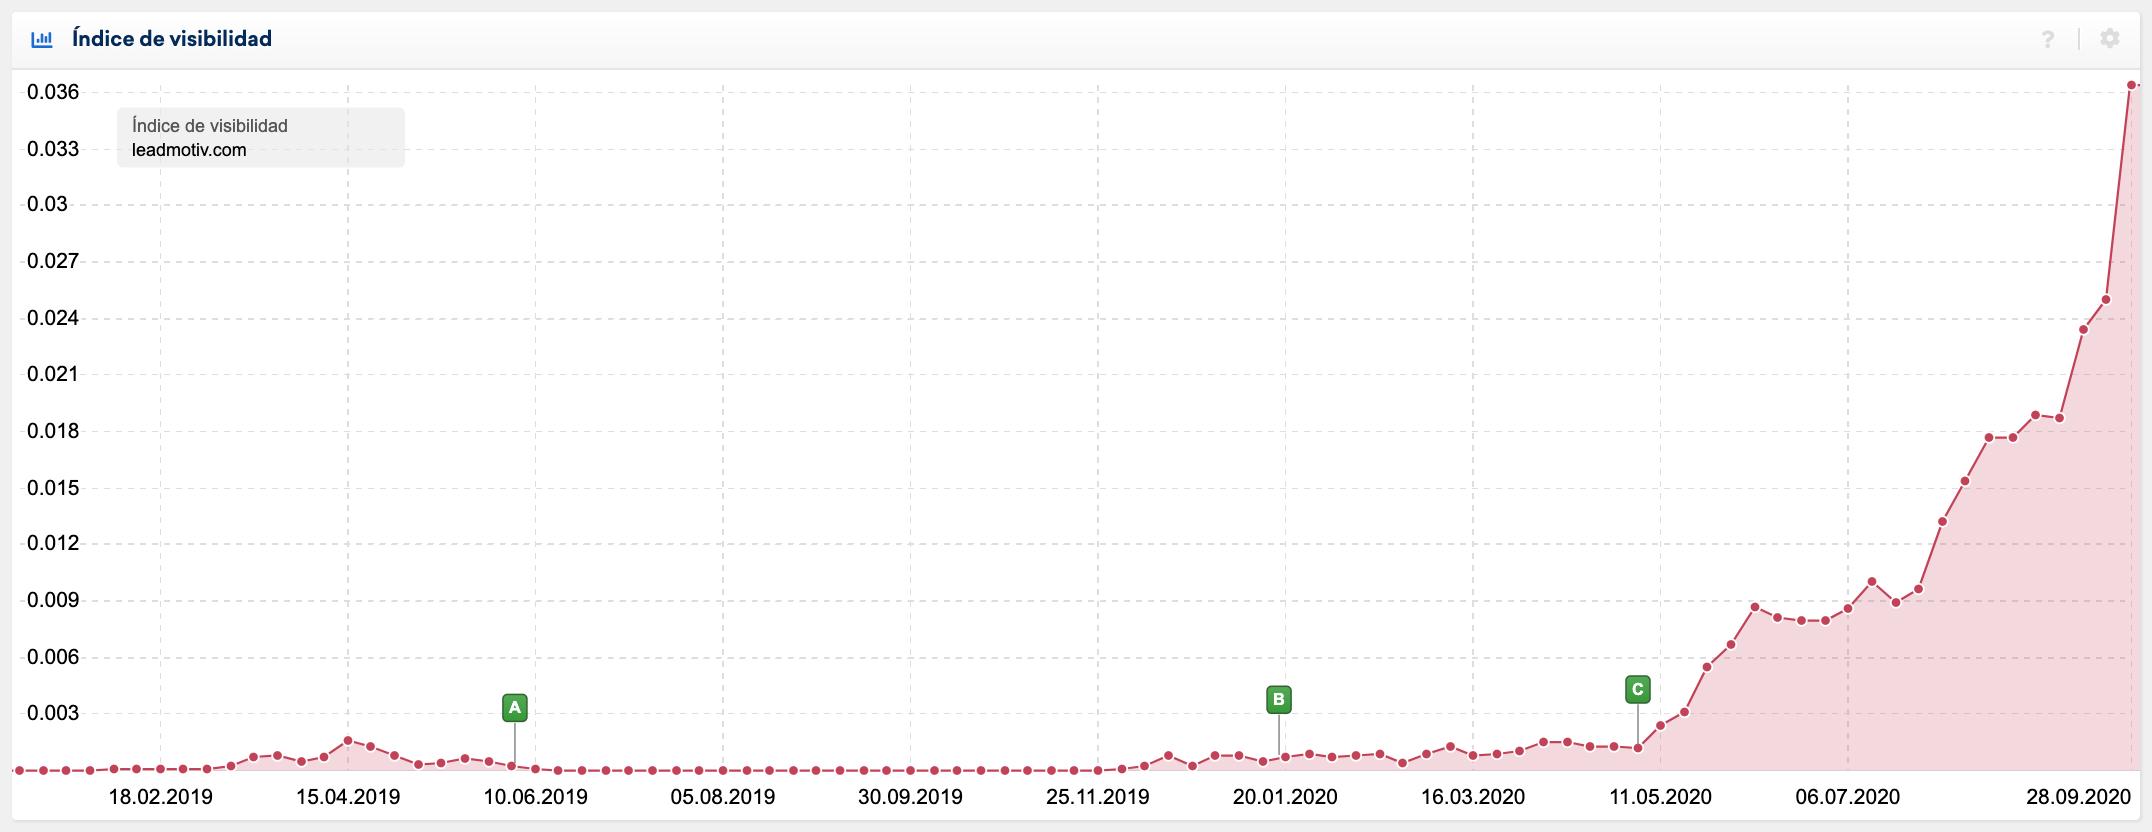 índice de visibilidad en Google de Lead Motiv